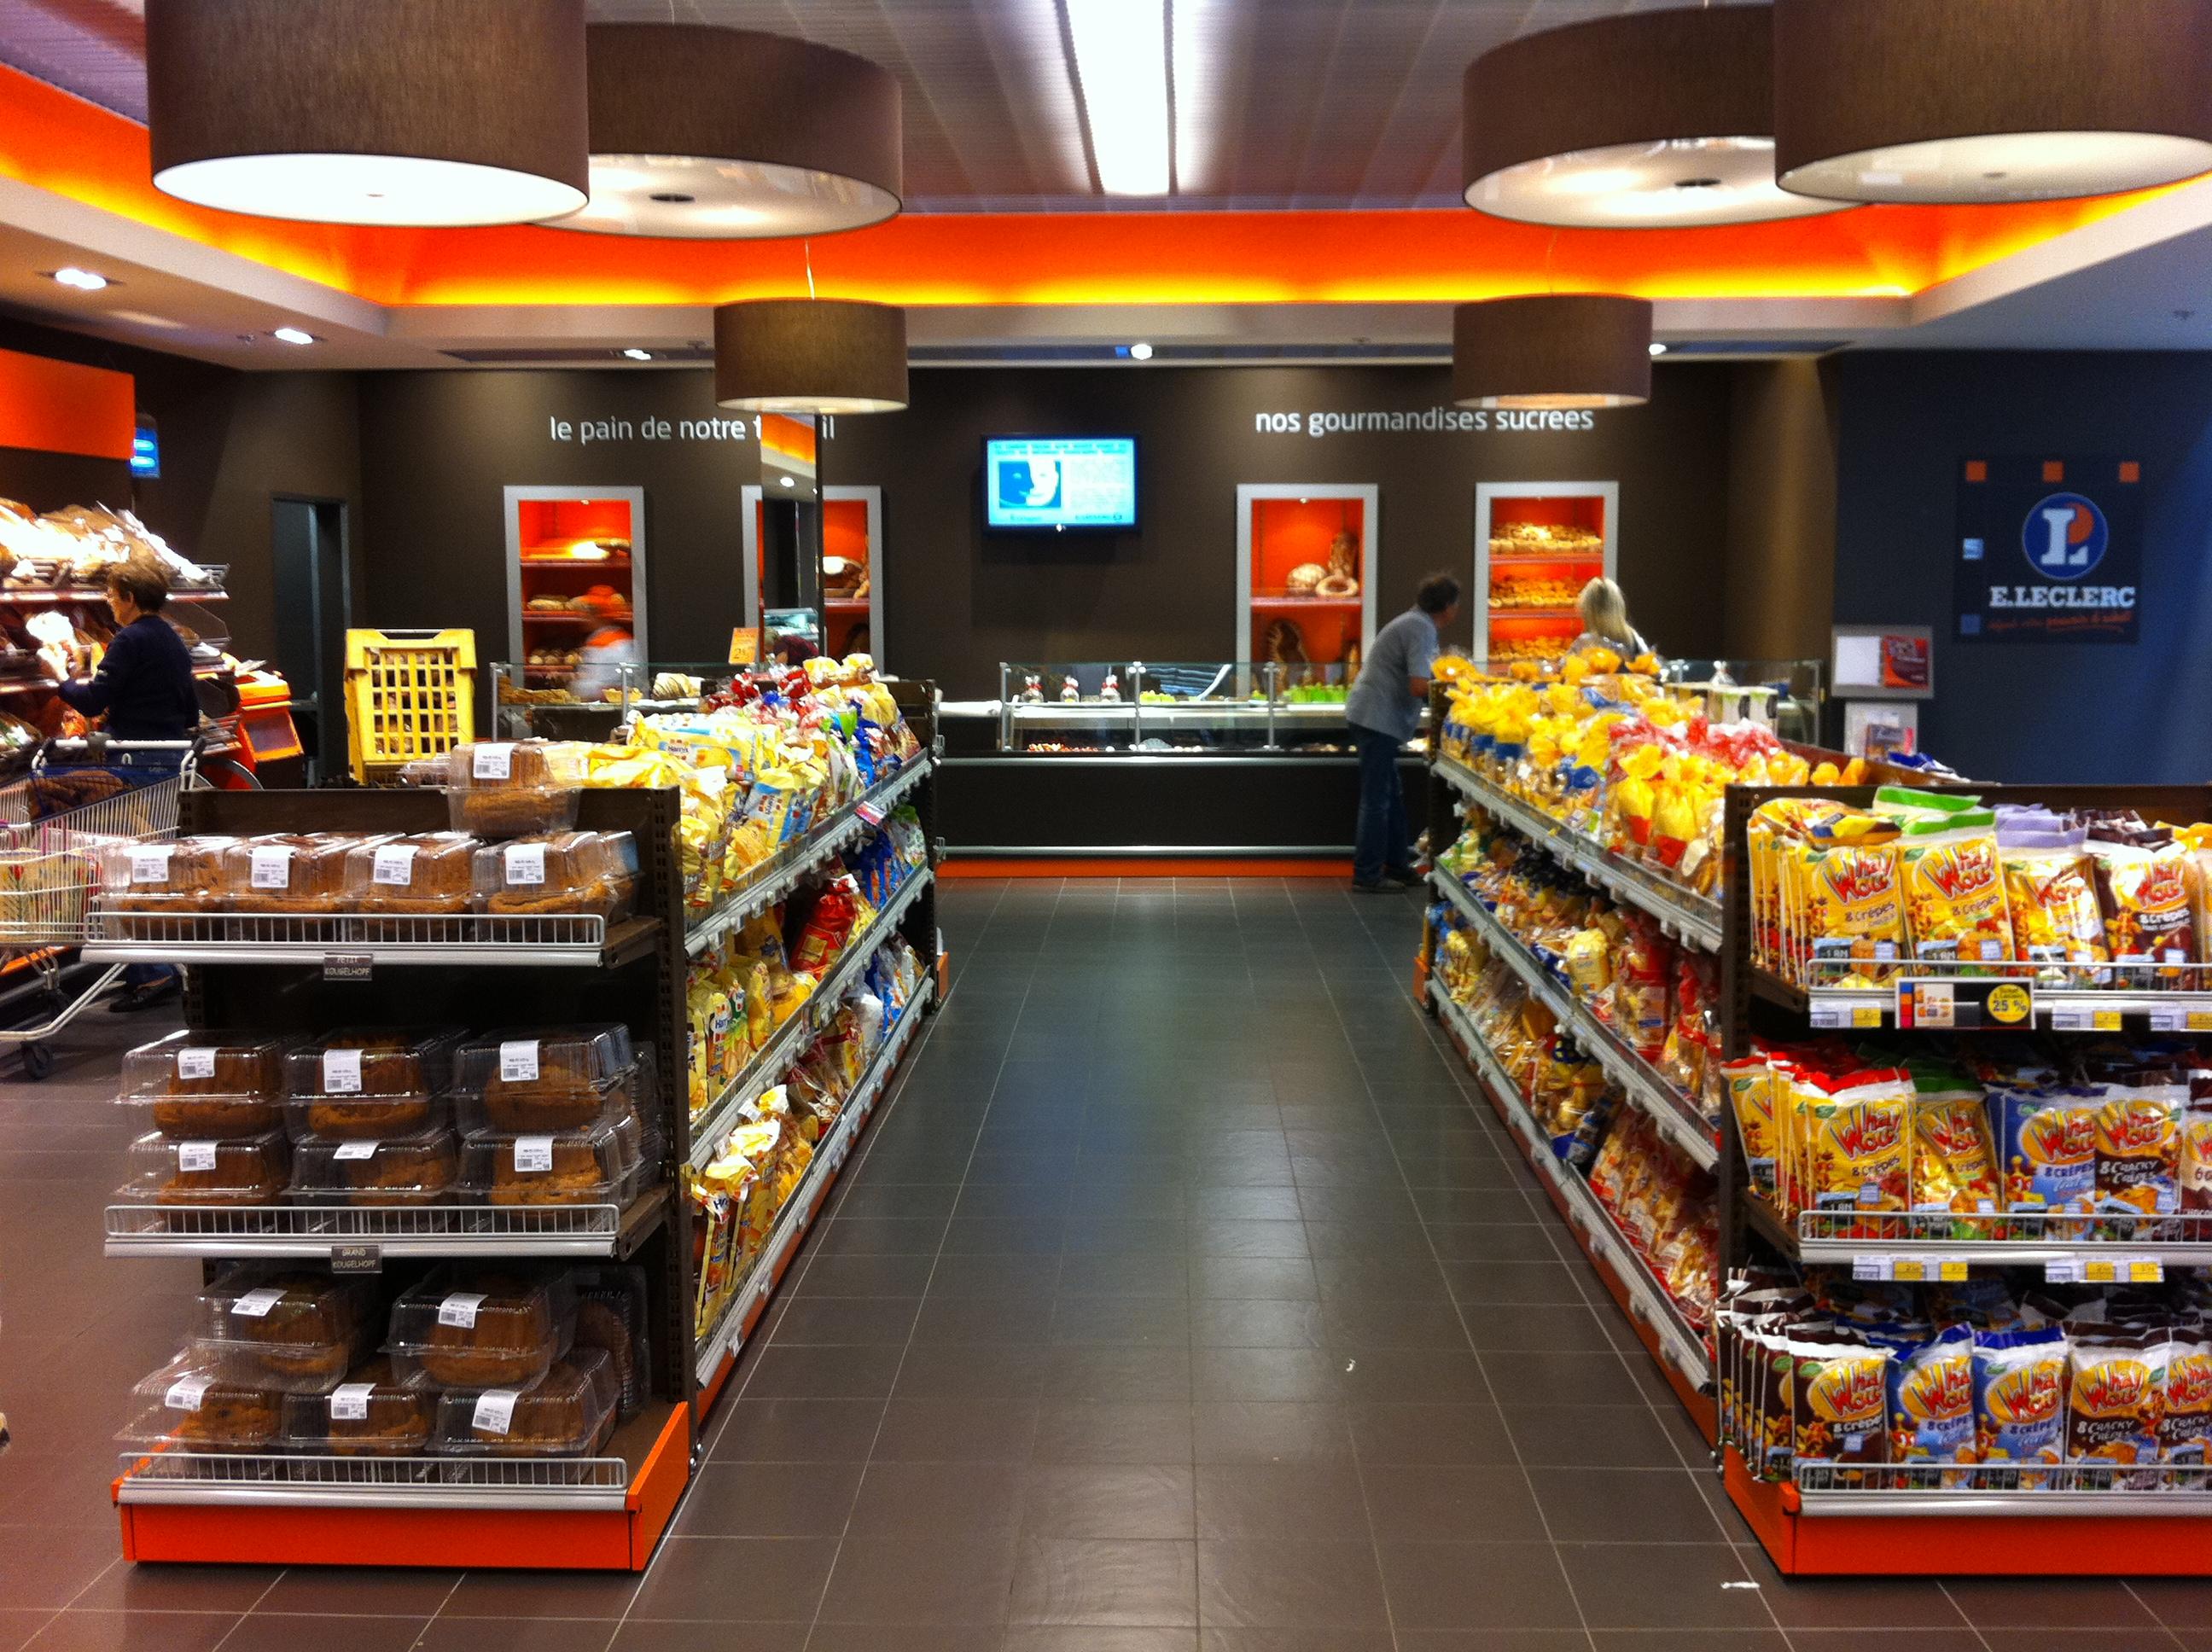 Notre premi re visite au supermarch french moments blog for Produit decoration interieur